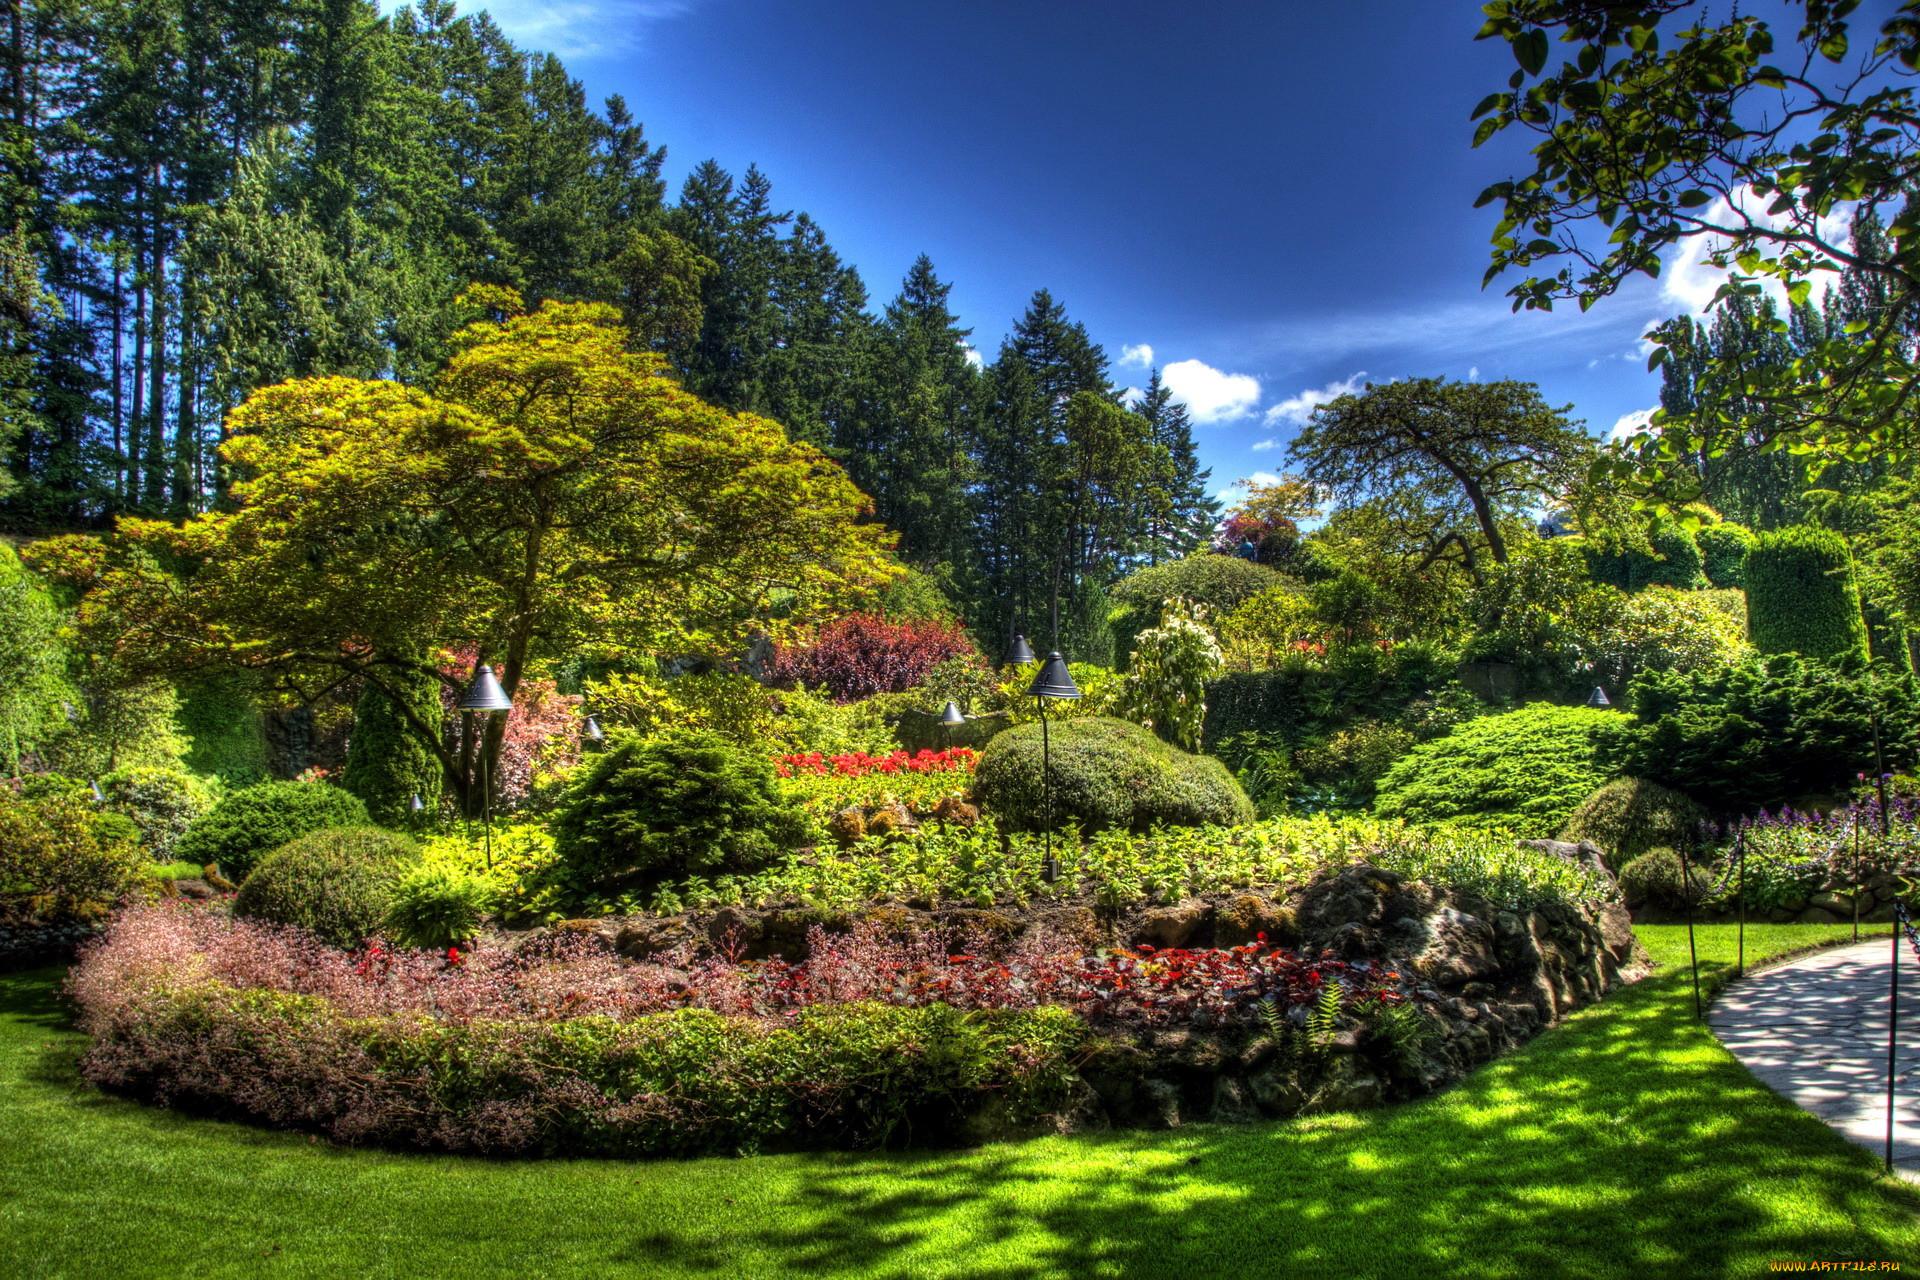 природа, парк, кусты, деревья